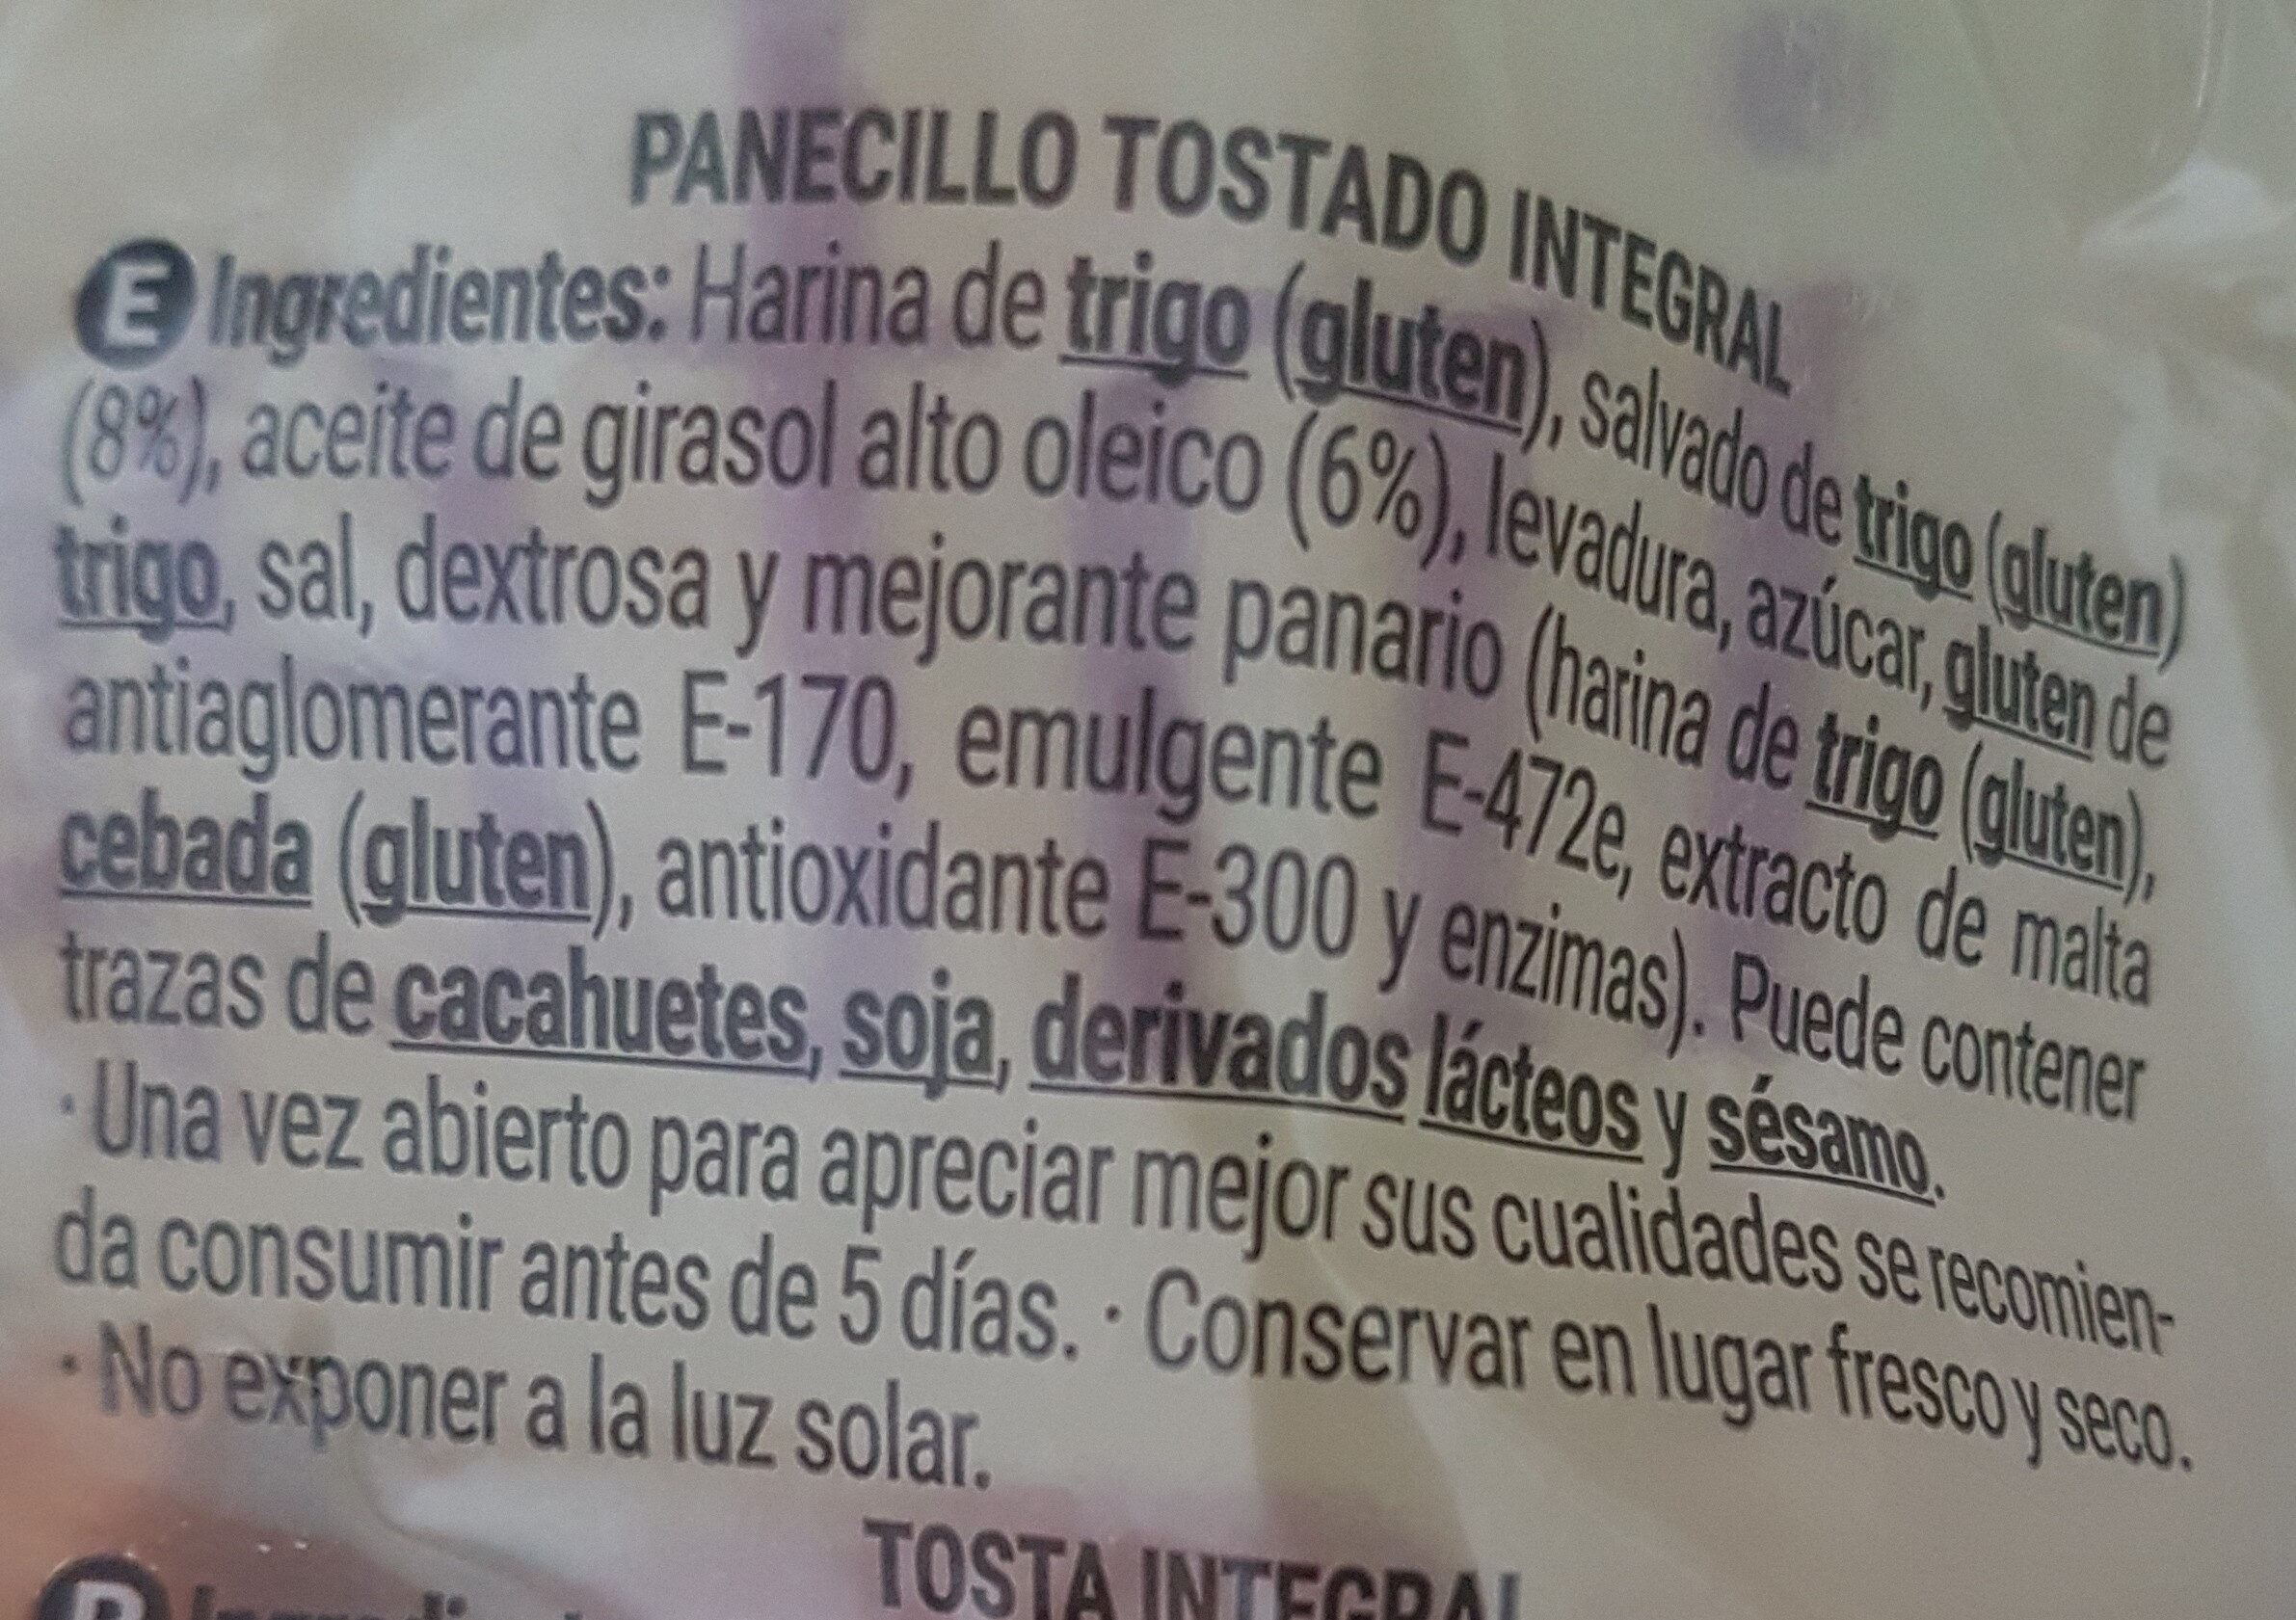 Integrales Panecillos tostados - Ingrediënten